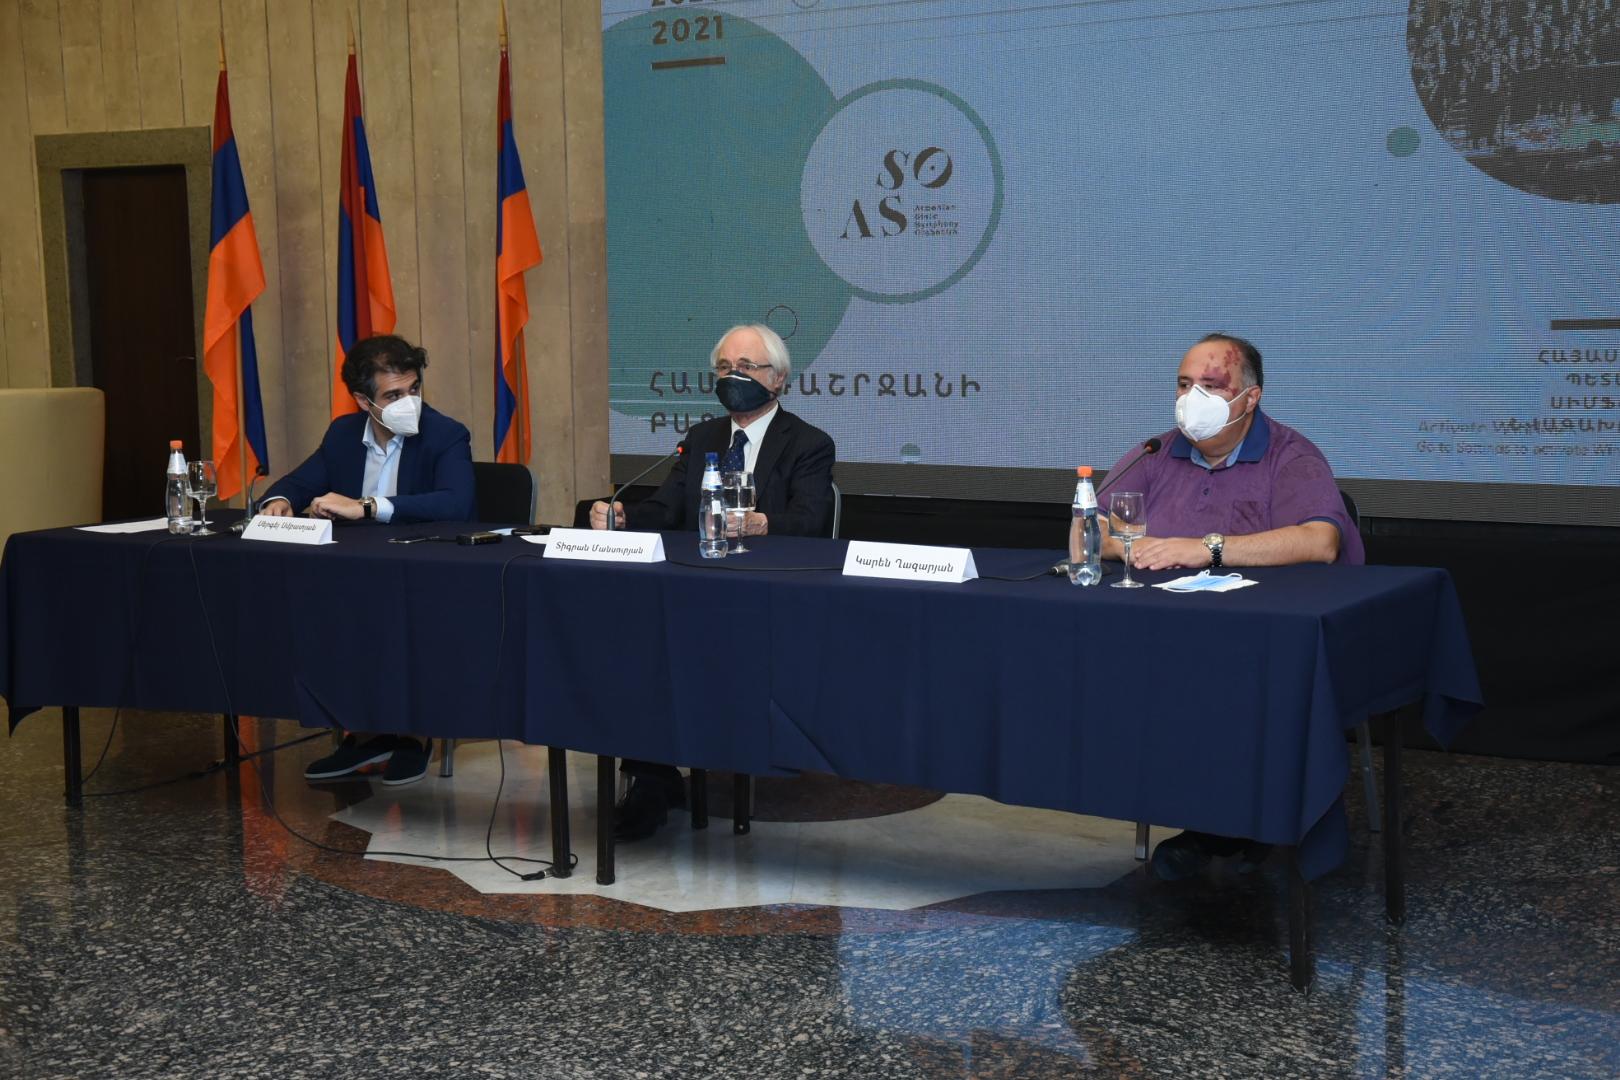 Photo of Մեկնարկում է Հայաստանի պետական սիմֆոնիկ նվագախմբի 15-րդ՝ հոբելյանական համերգաշրջանը